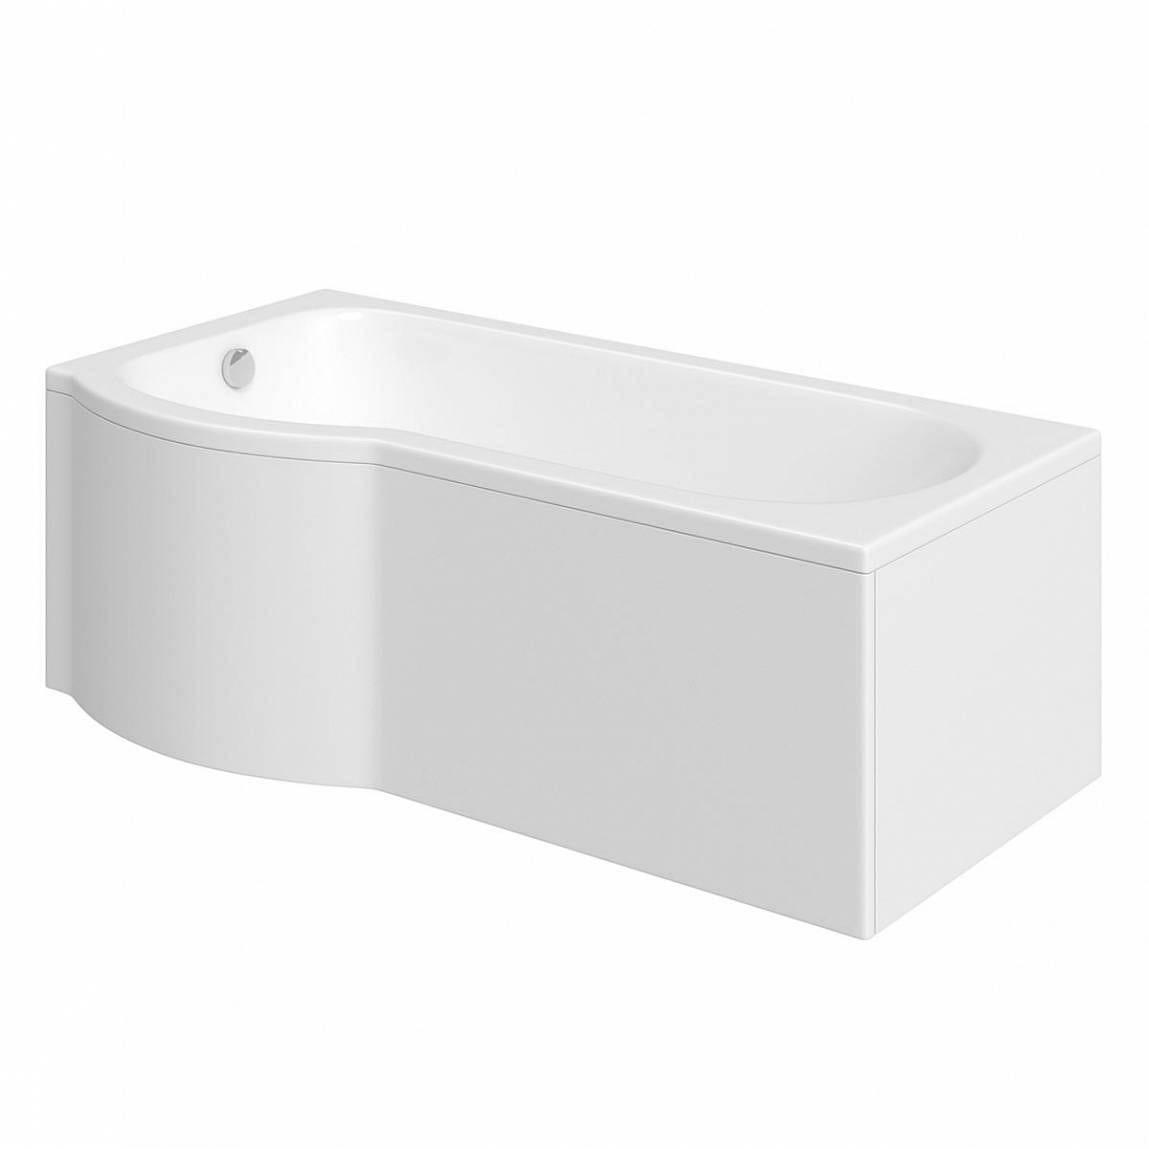 Evesham Shower Bath 1500 x 800 LH